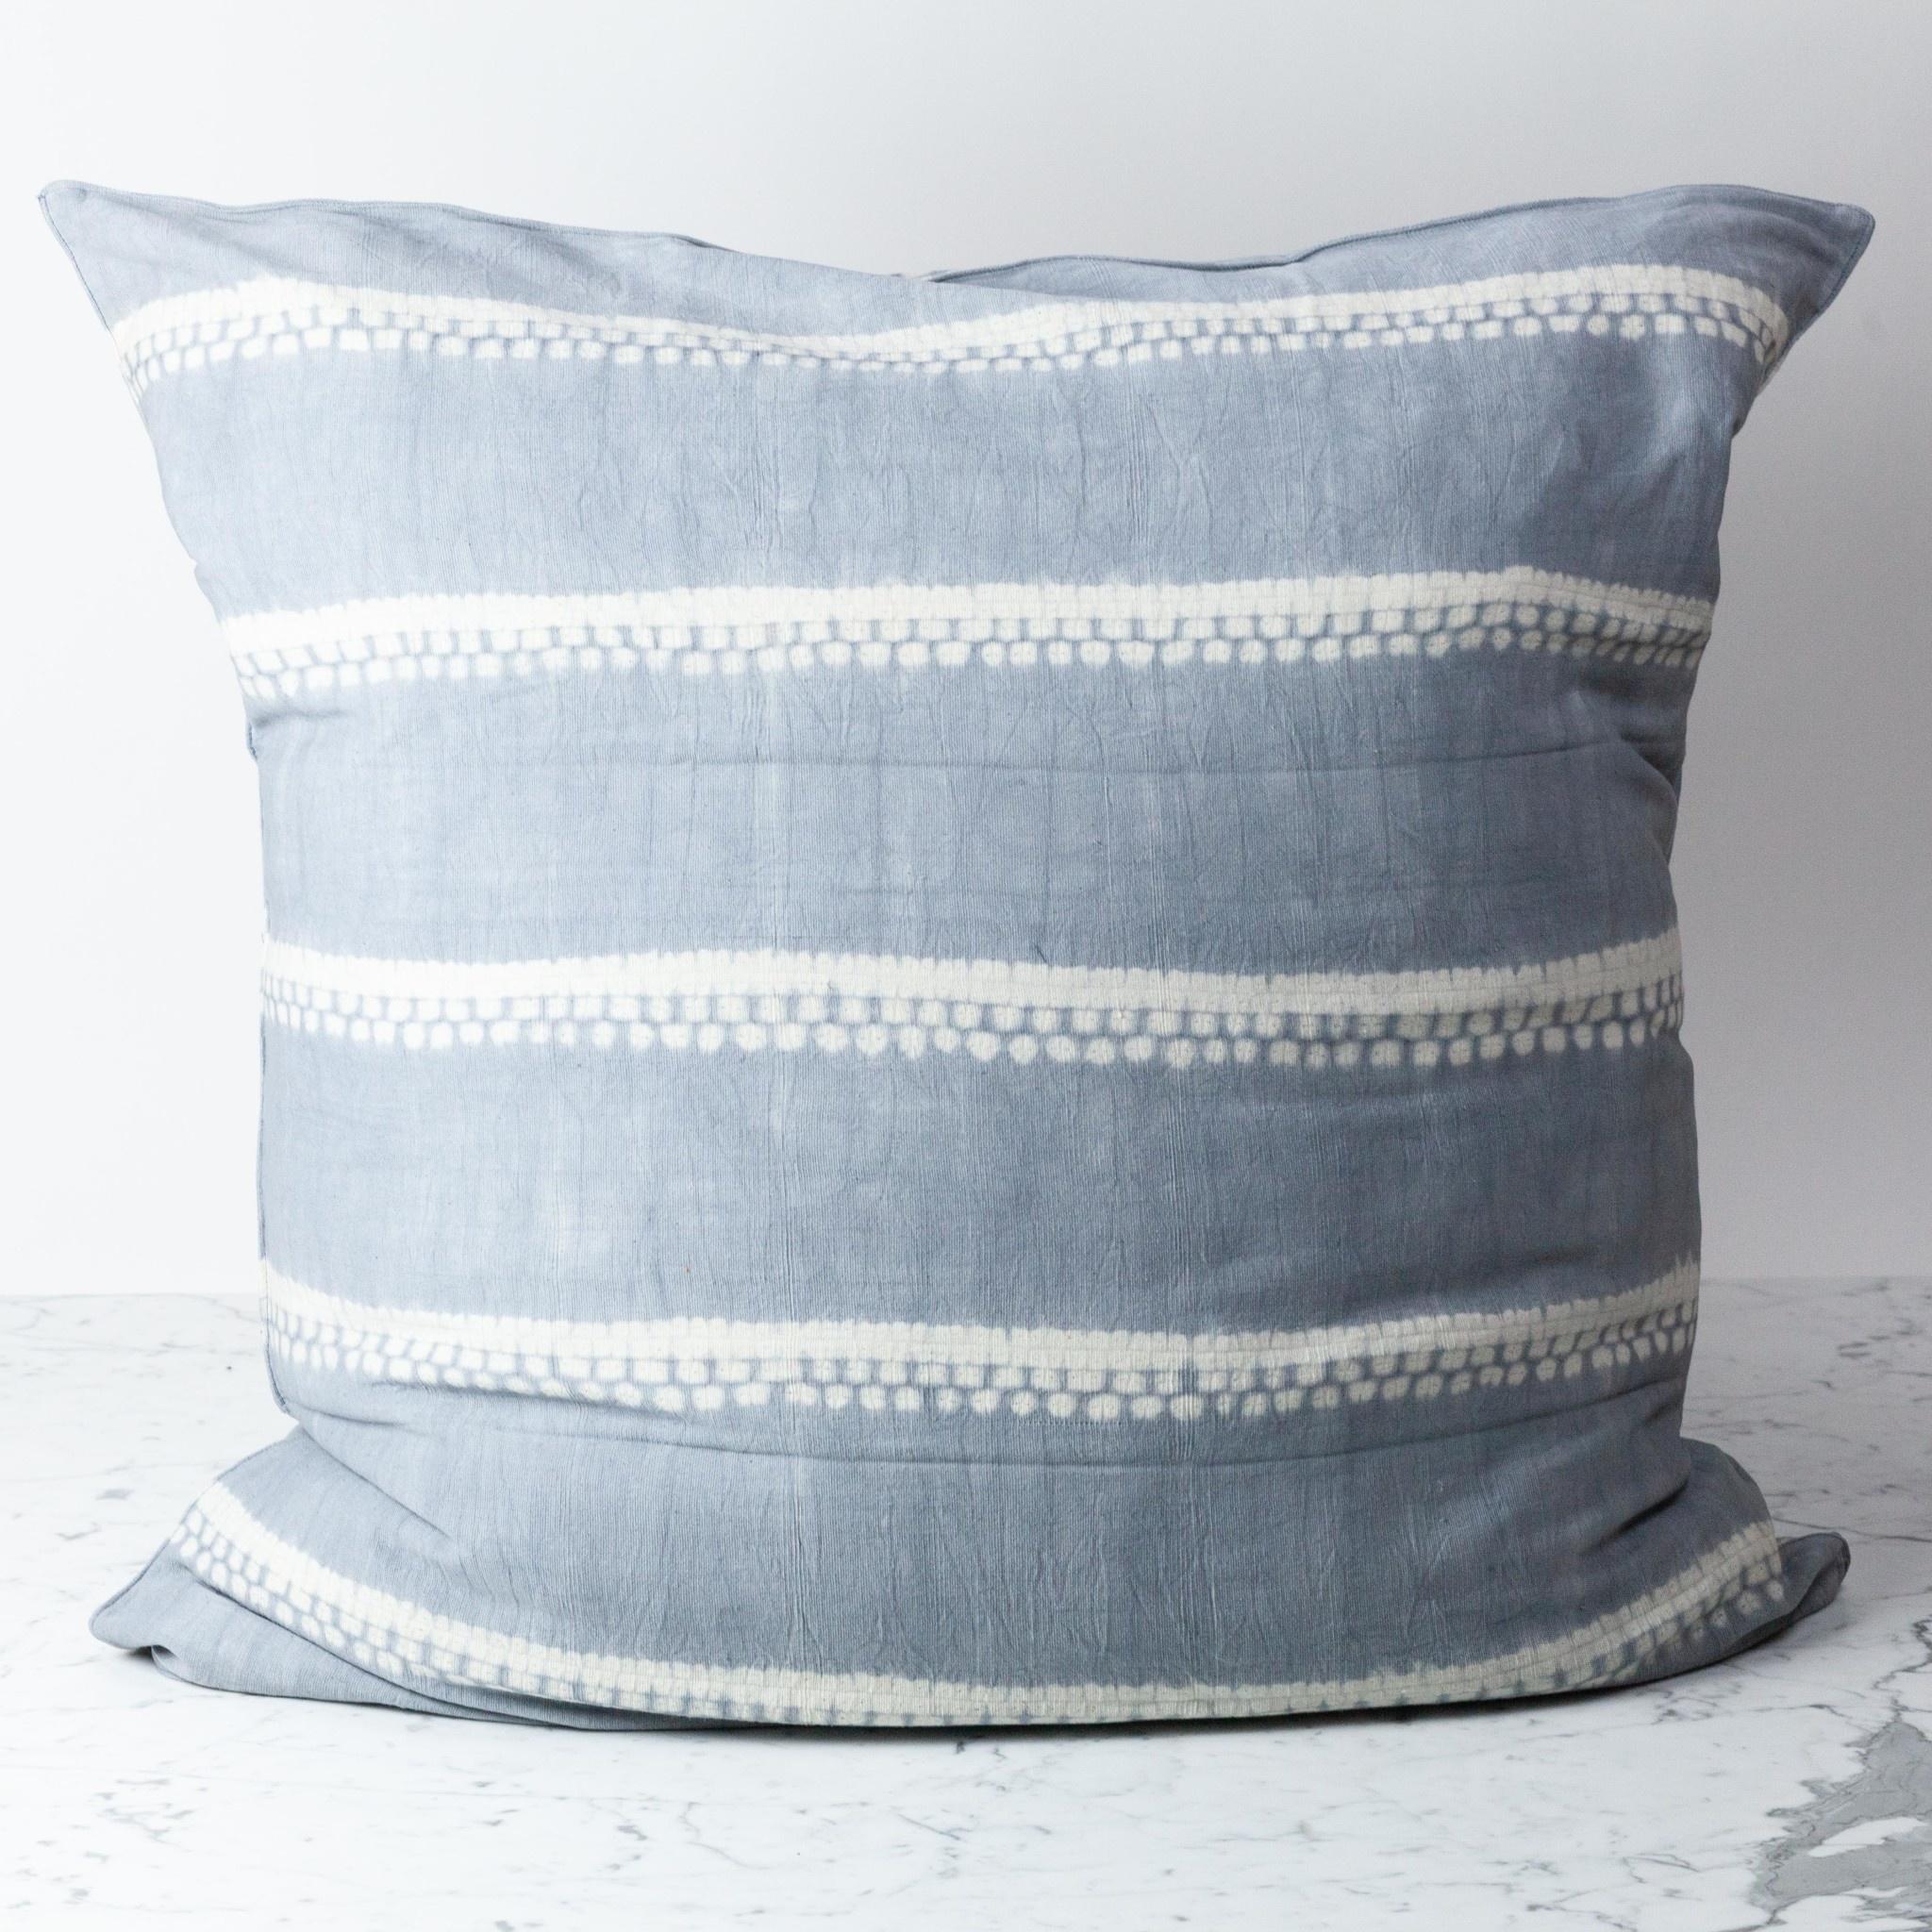 """TENSIRA 32 x 32"""" Handwoven Cotton Pillow Down Insert - Envelope Closure - Grey Spotty Stitch Dye Stripes"""